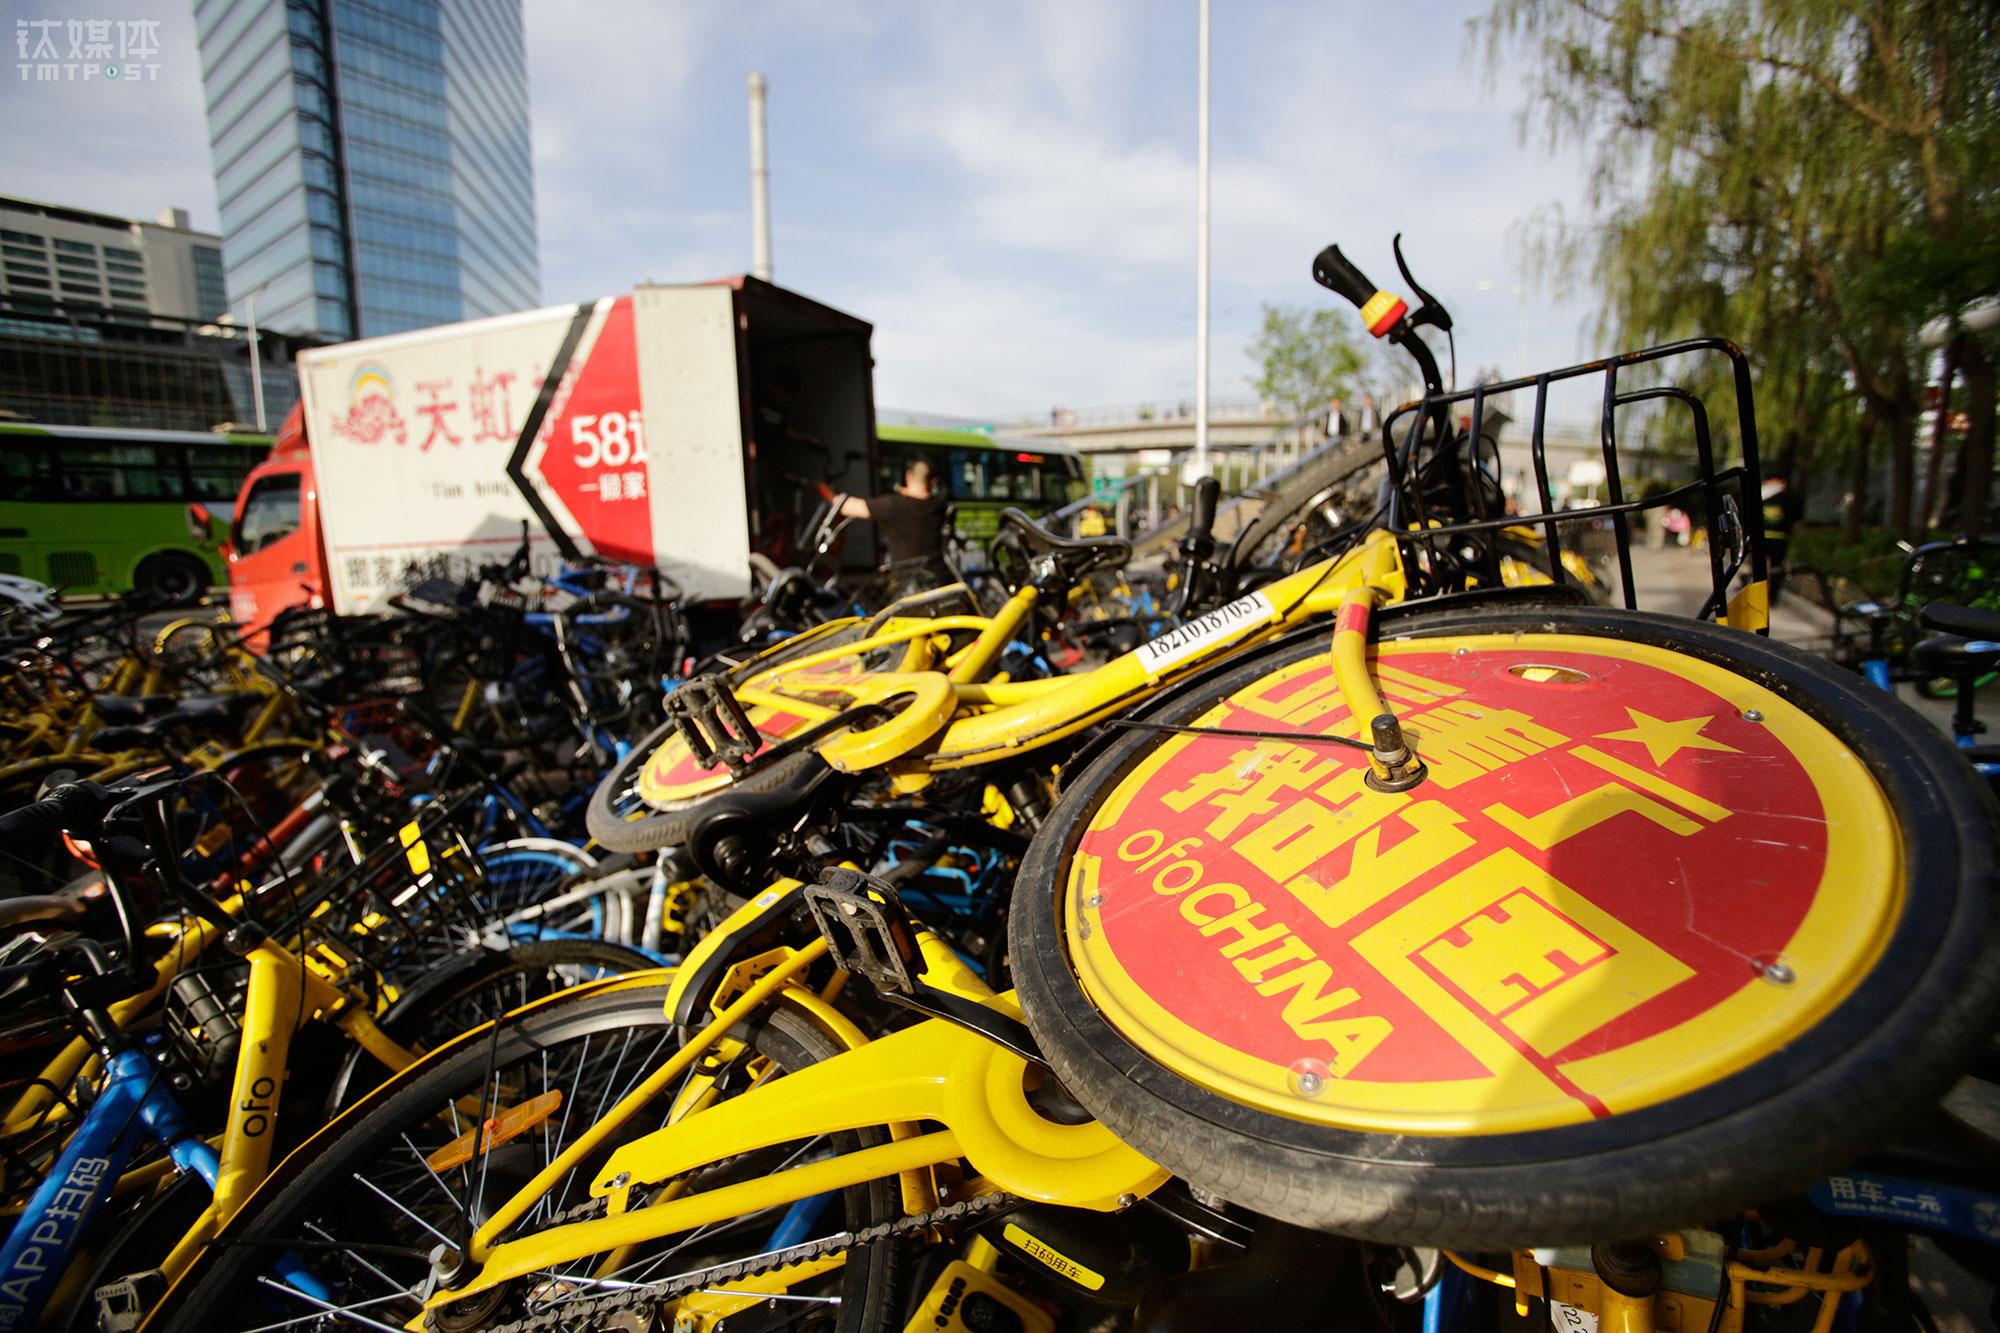 """4月24日下午,八王坟东公交站堆积的共享单车。""""共享单车挺方便,但很多人自己得了方便,就不给别人方便,骑完乱放。""""在街上搬了两个月车,大强觉得骑车的人不太珍惜这些车,""""如果每个人素质都高一点,可能问题会少一些""""。"""